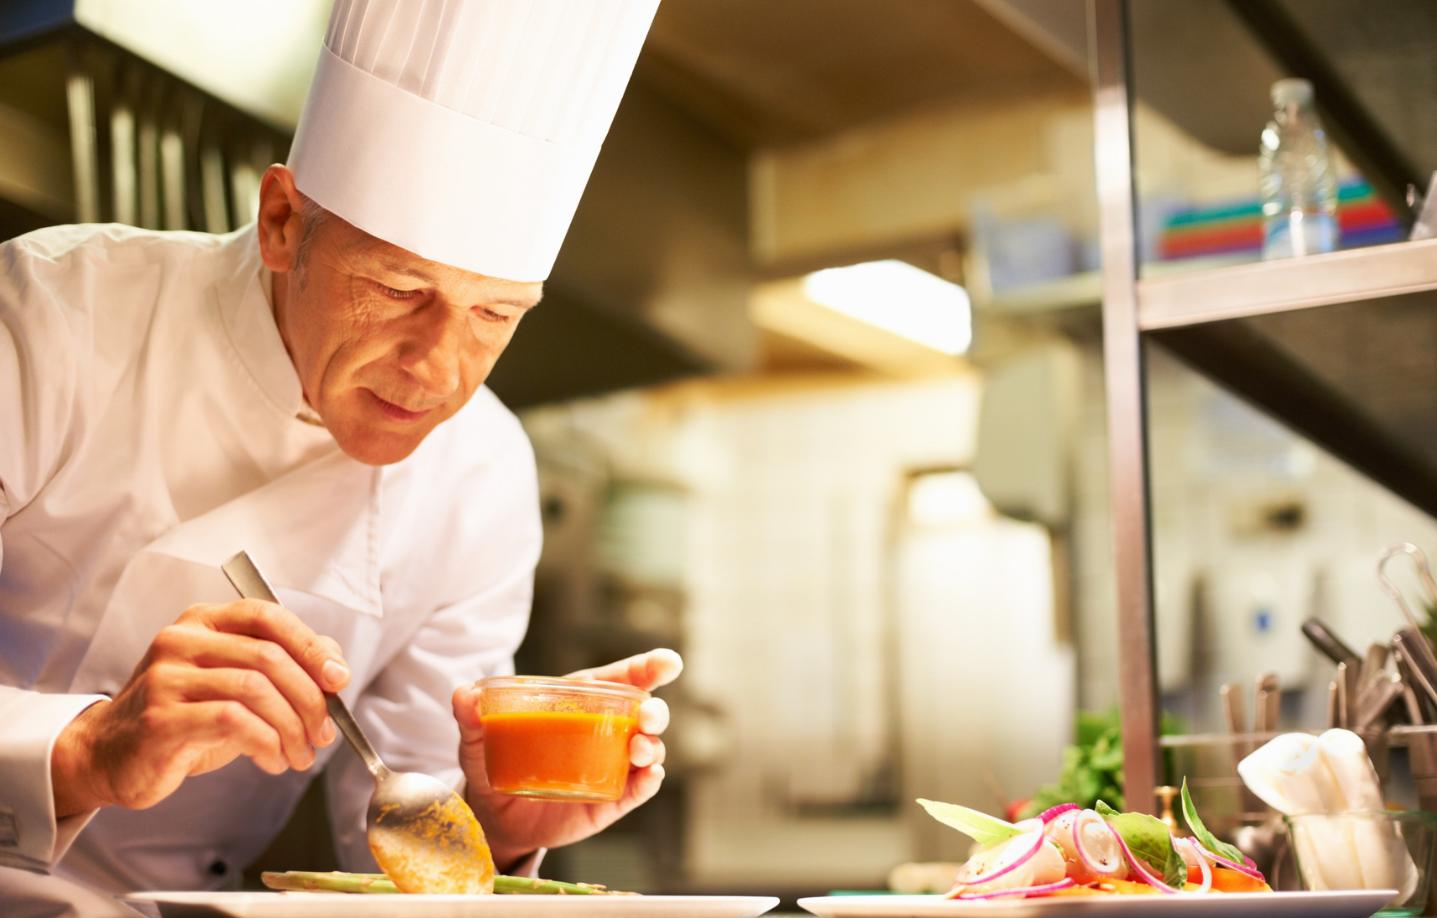 Как организовать бизнес на услугах повара-консультанта